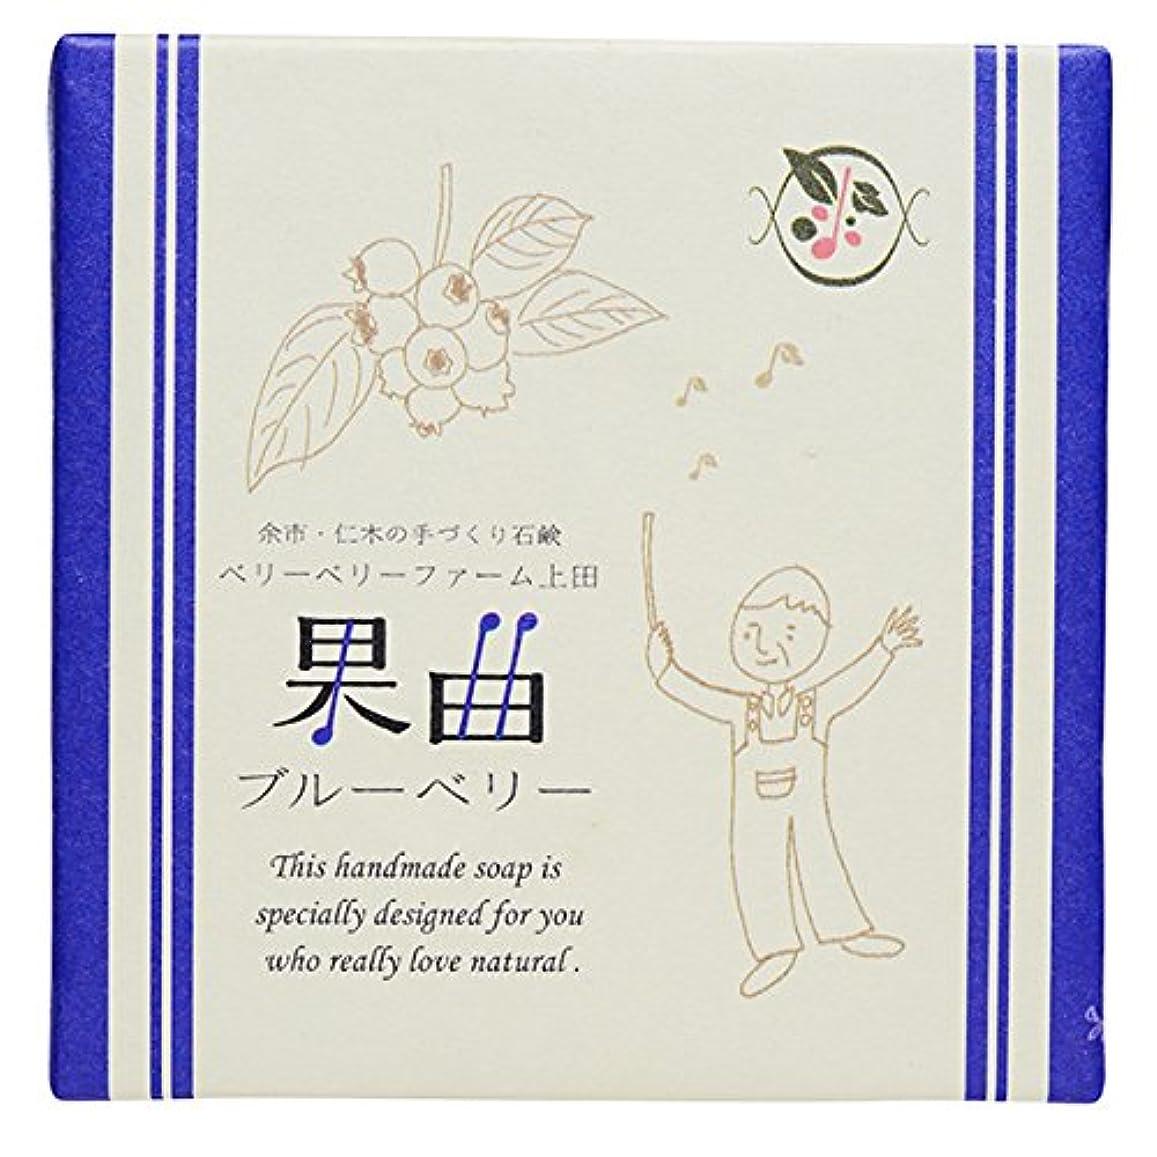 ポップ拍手限界余市町仁木のベリーベリーファーム上田との共同開発 果曲(ブルーベリー)純練り石鹸